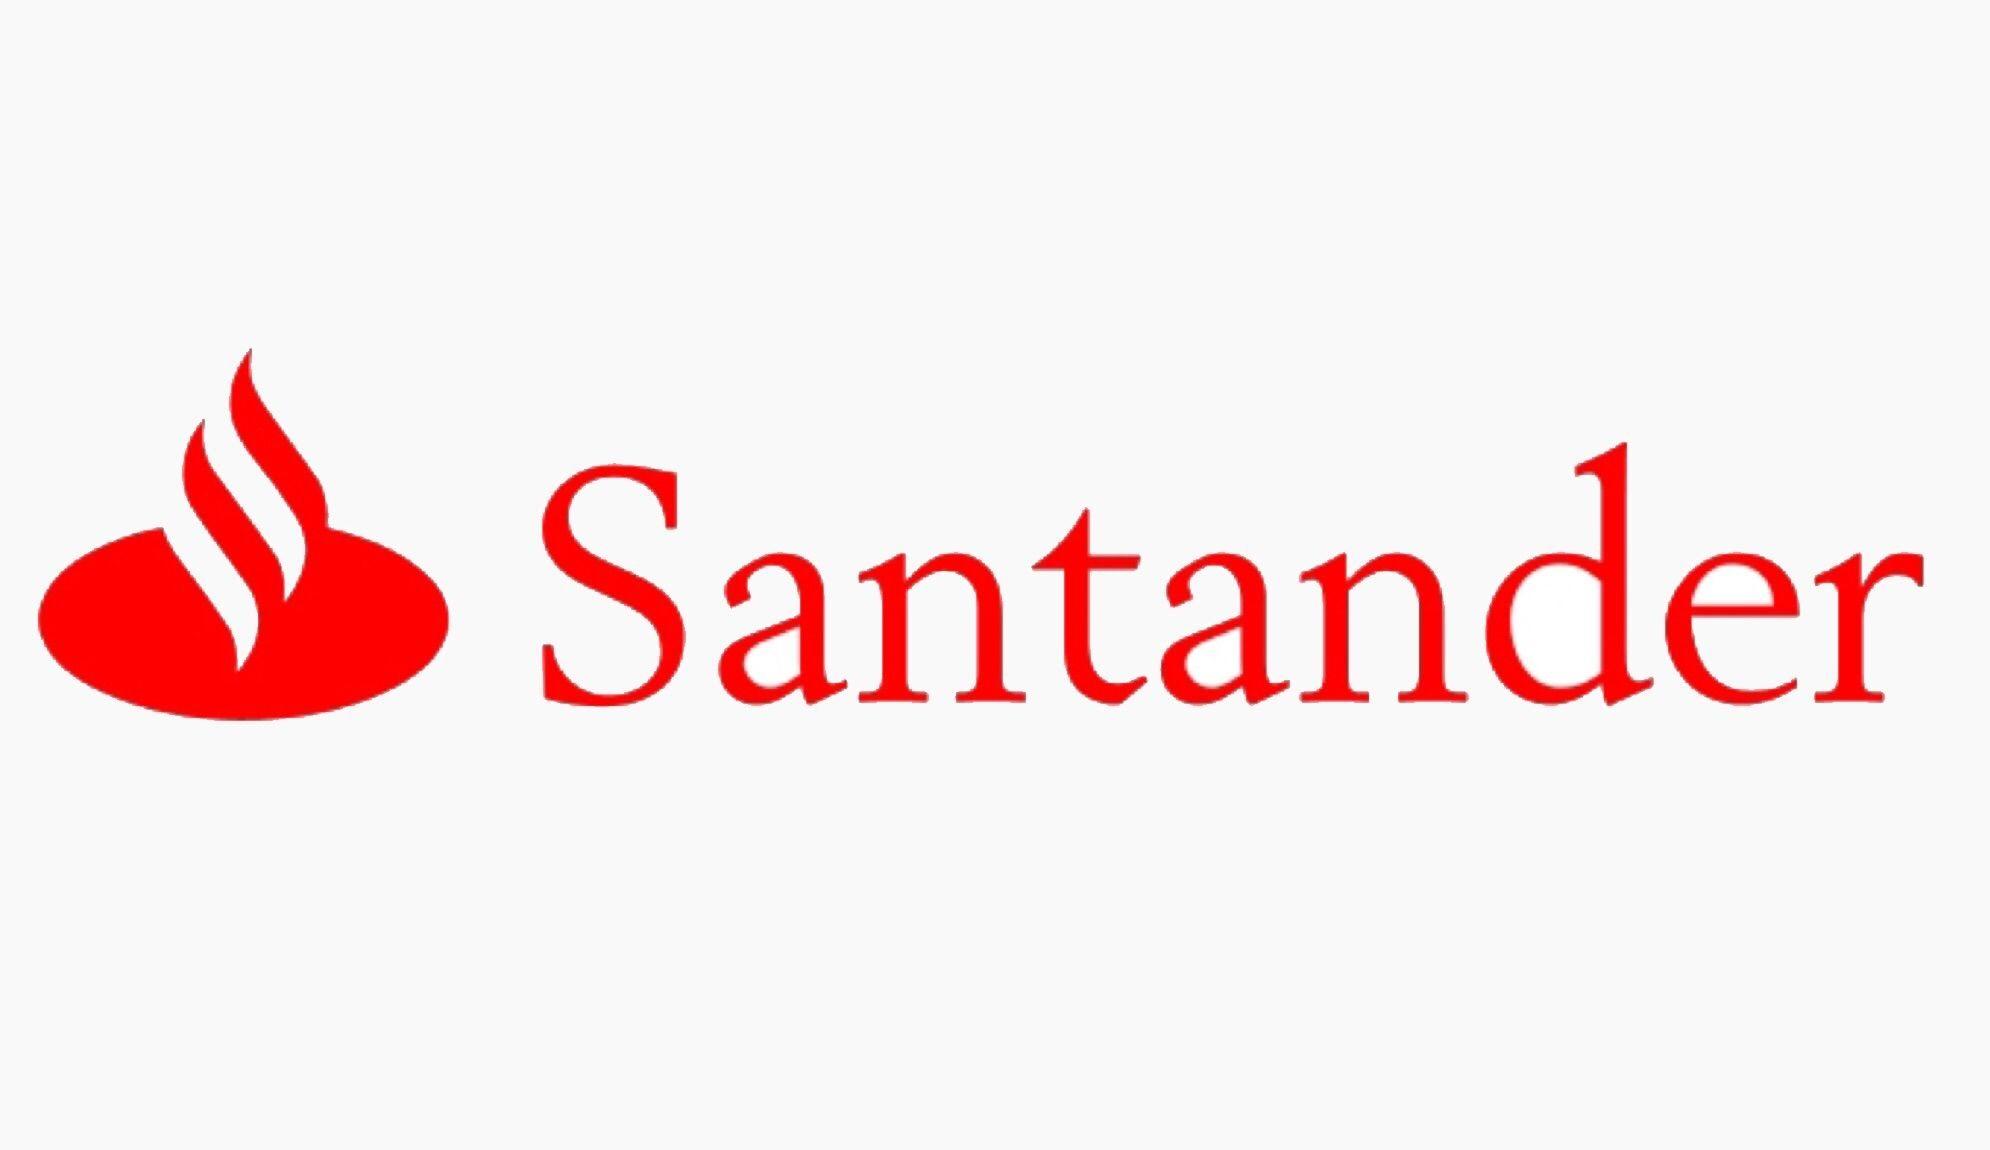 Santander-Reclame-Fale